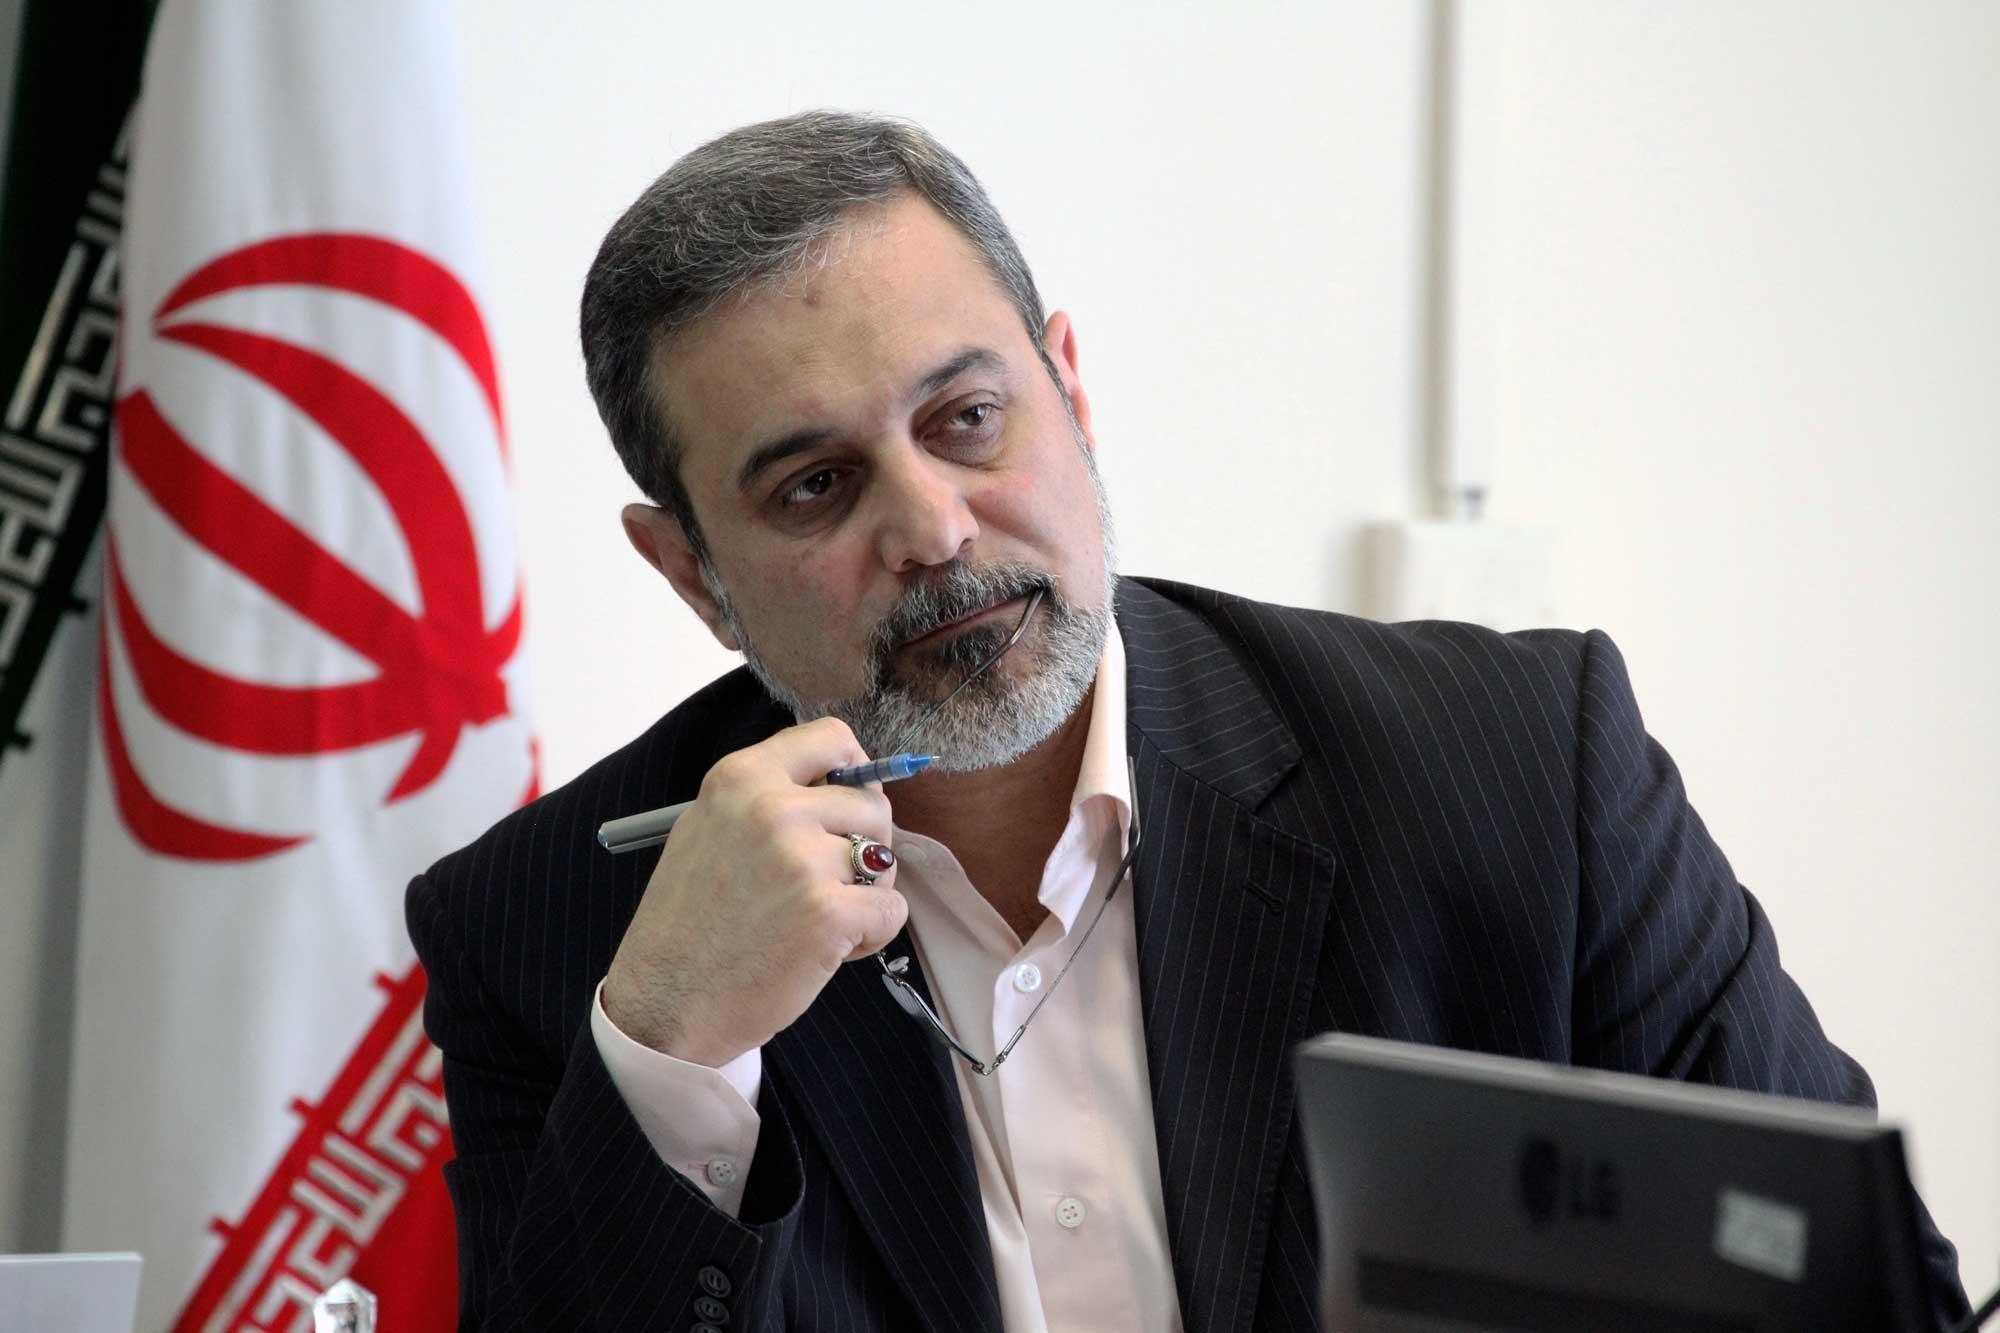 سیدمحمد بطحائی,نهاد های آموزشی,اخبار آموزش و پرورش,خبرهای آموزش و پرورش